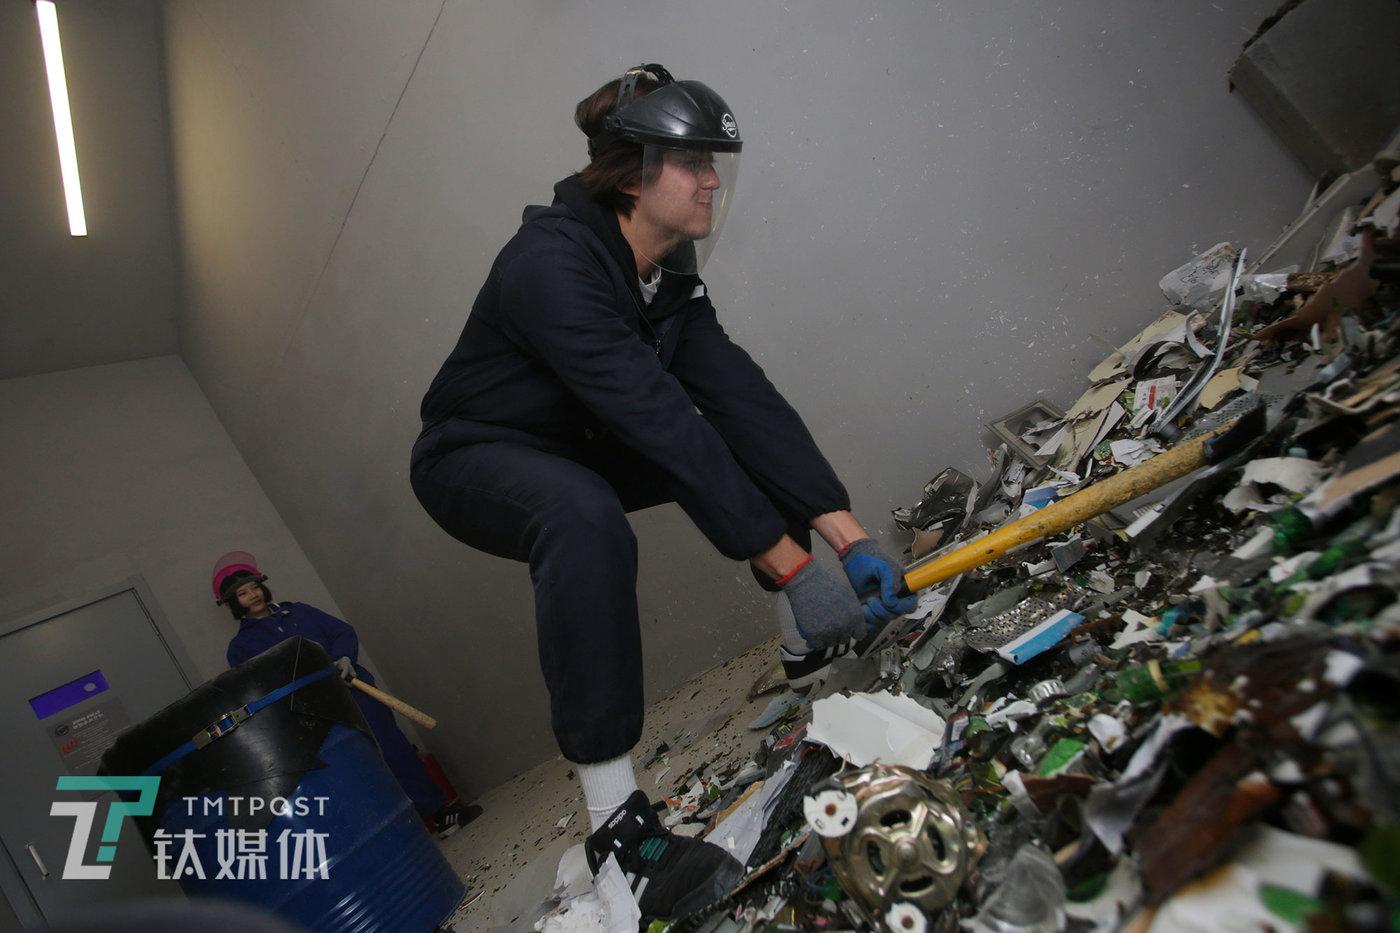 一位澳大利亚来的游客在砸完自己筐里的瓶子后觉得不太过瘾,继续抡着棒球棍在面前的碎片里猛砸。